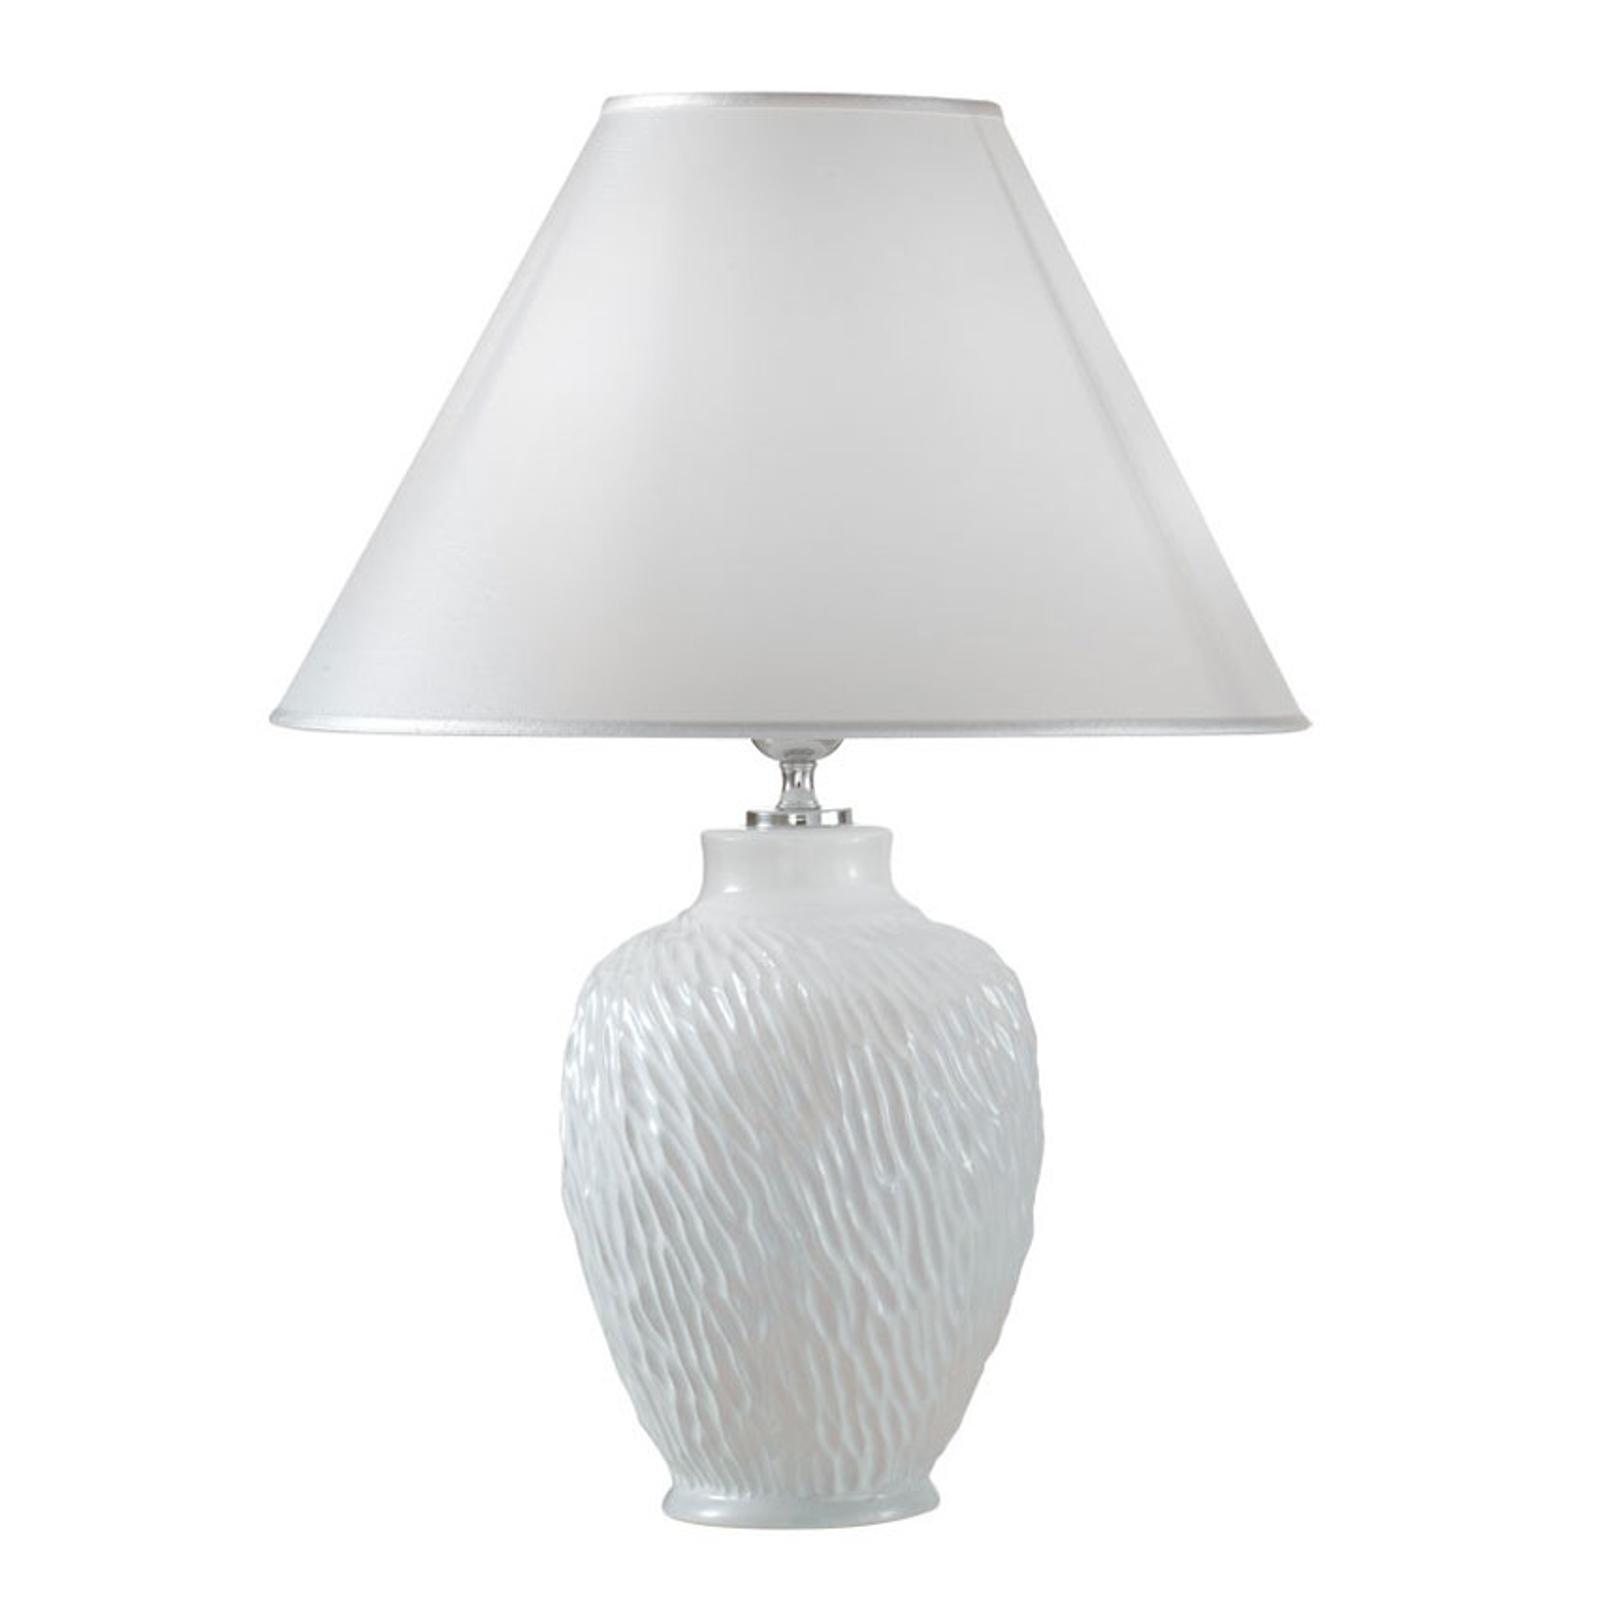 Lampa stołowa Chiara z ceramiki, biała, Ø 30 cm